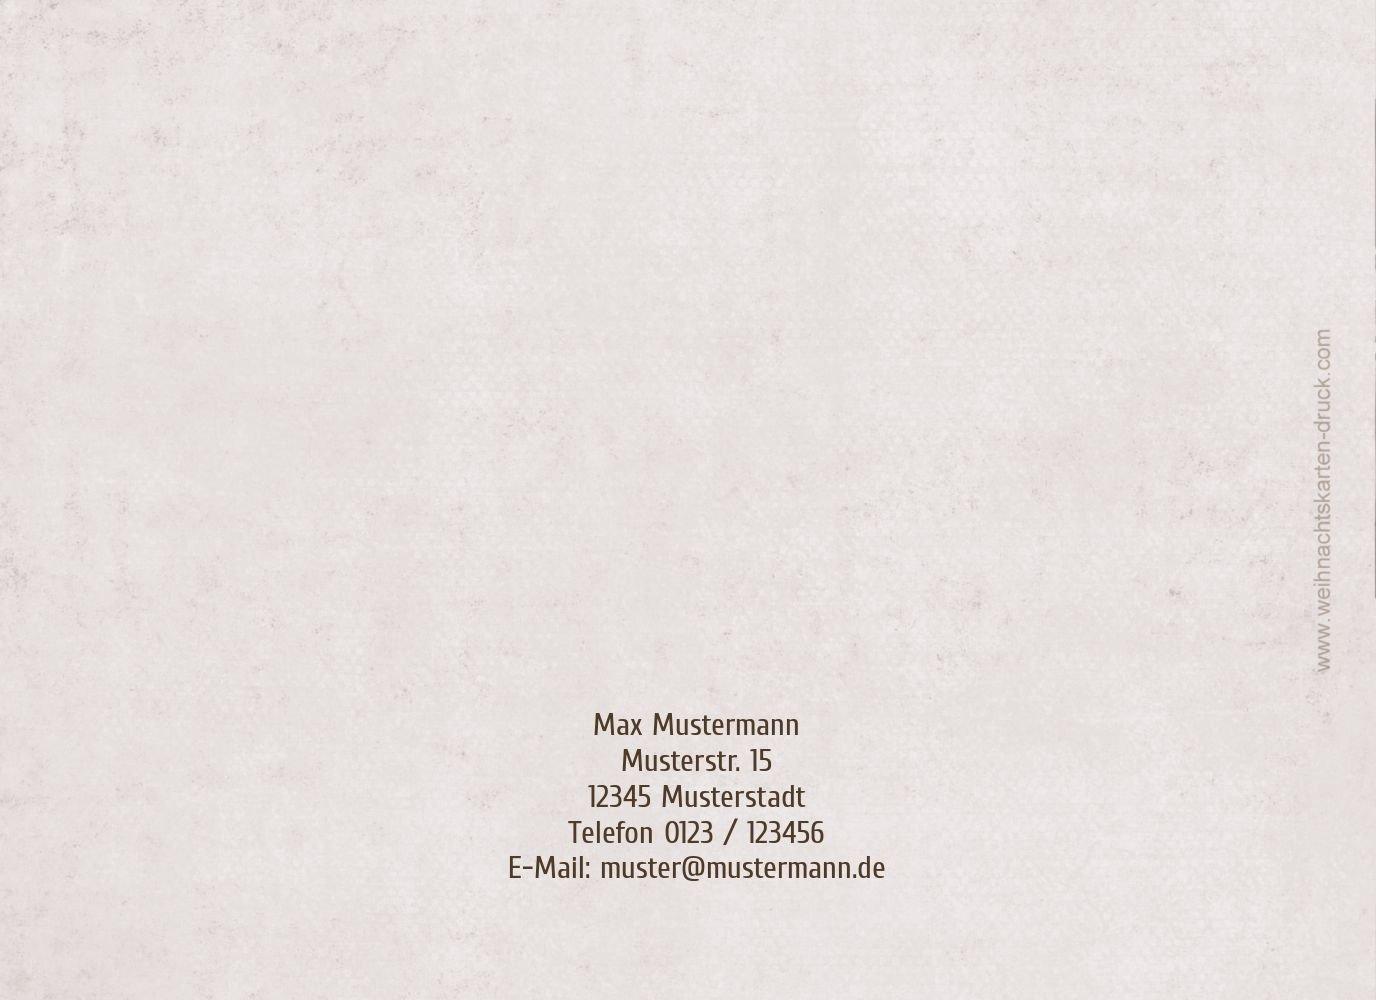 Kartenparadies Einladungskarte zu Weihnachten Foto Einladung Farbklang, hochwertige hochwertige hochwertige Weihnachtseinladung zum Selbstgestalten (Format  148x105 mm) Farbe  DunkelGrasGrün B01NASPTS3 | Zahlreiche In Vielfalt  | Grüne, neue Technologie  | Luxus  00c14b